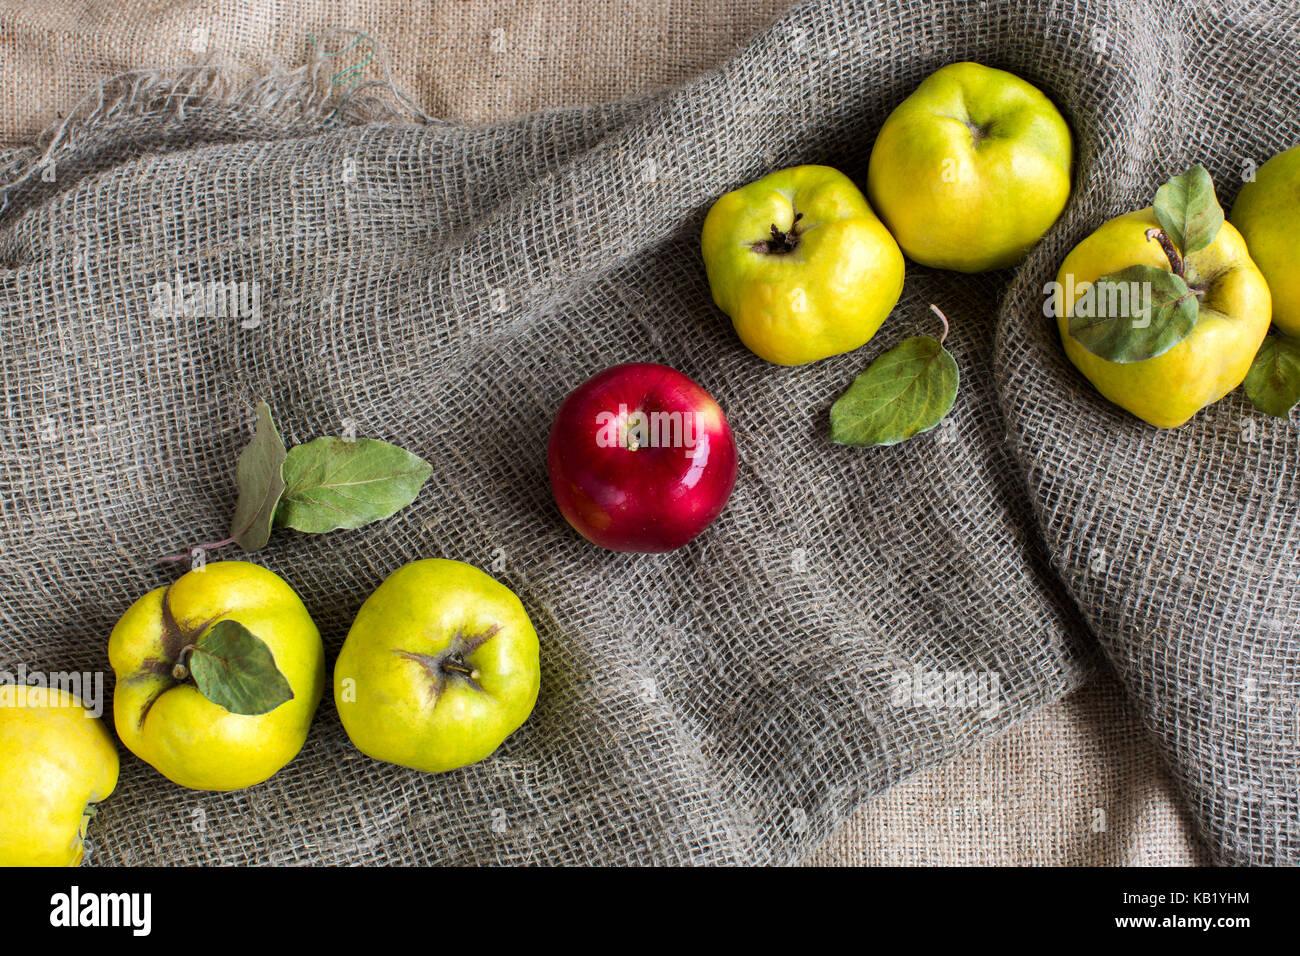 L'alimentation, la religion, le mode de vie sain concept. sur le tissu texturé gris entre les coings jaune Photo Stock